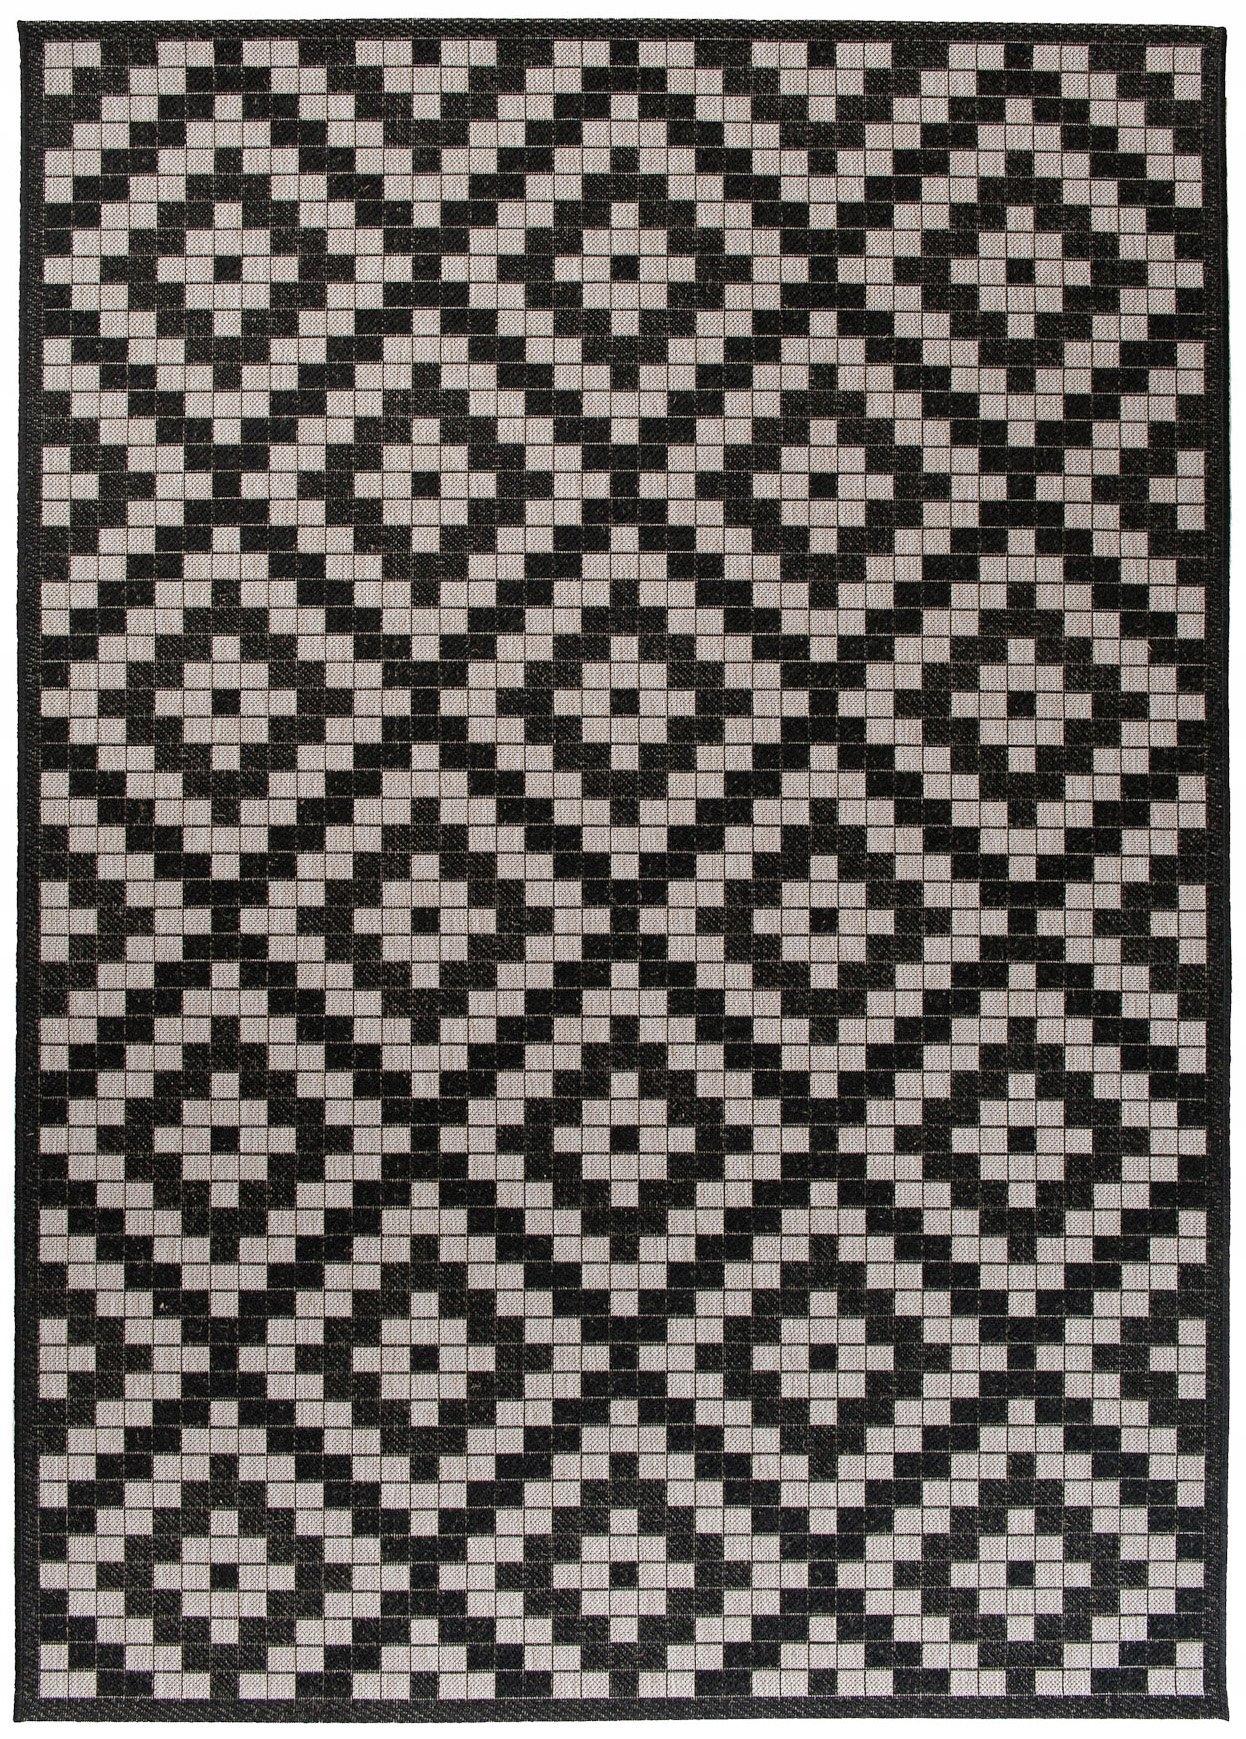 Dywan Floorlux Tanie Dywany Sznurkowy 120x170 147b